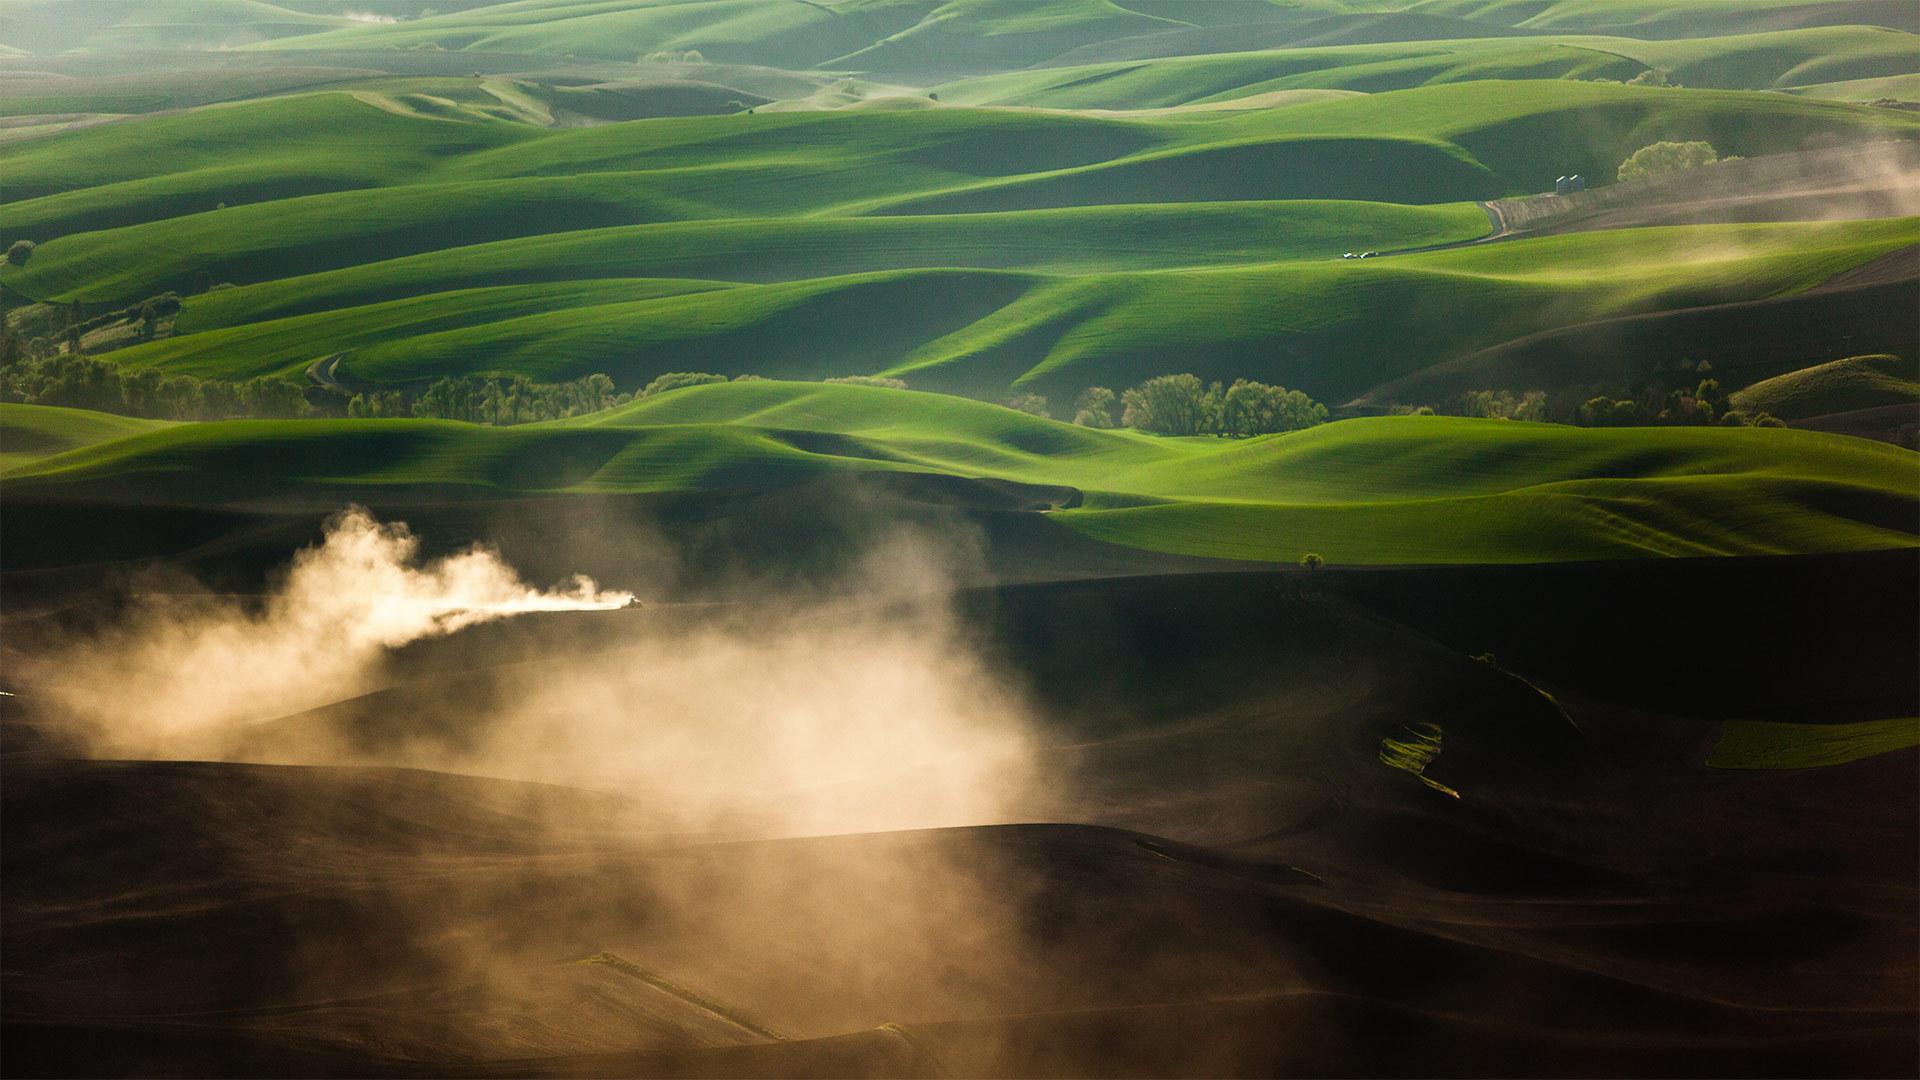 普尔曼附近的帕卢斯一辆拖拉机在耕作时扬起尘土普尔曼